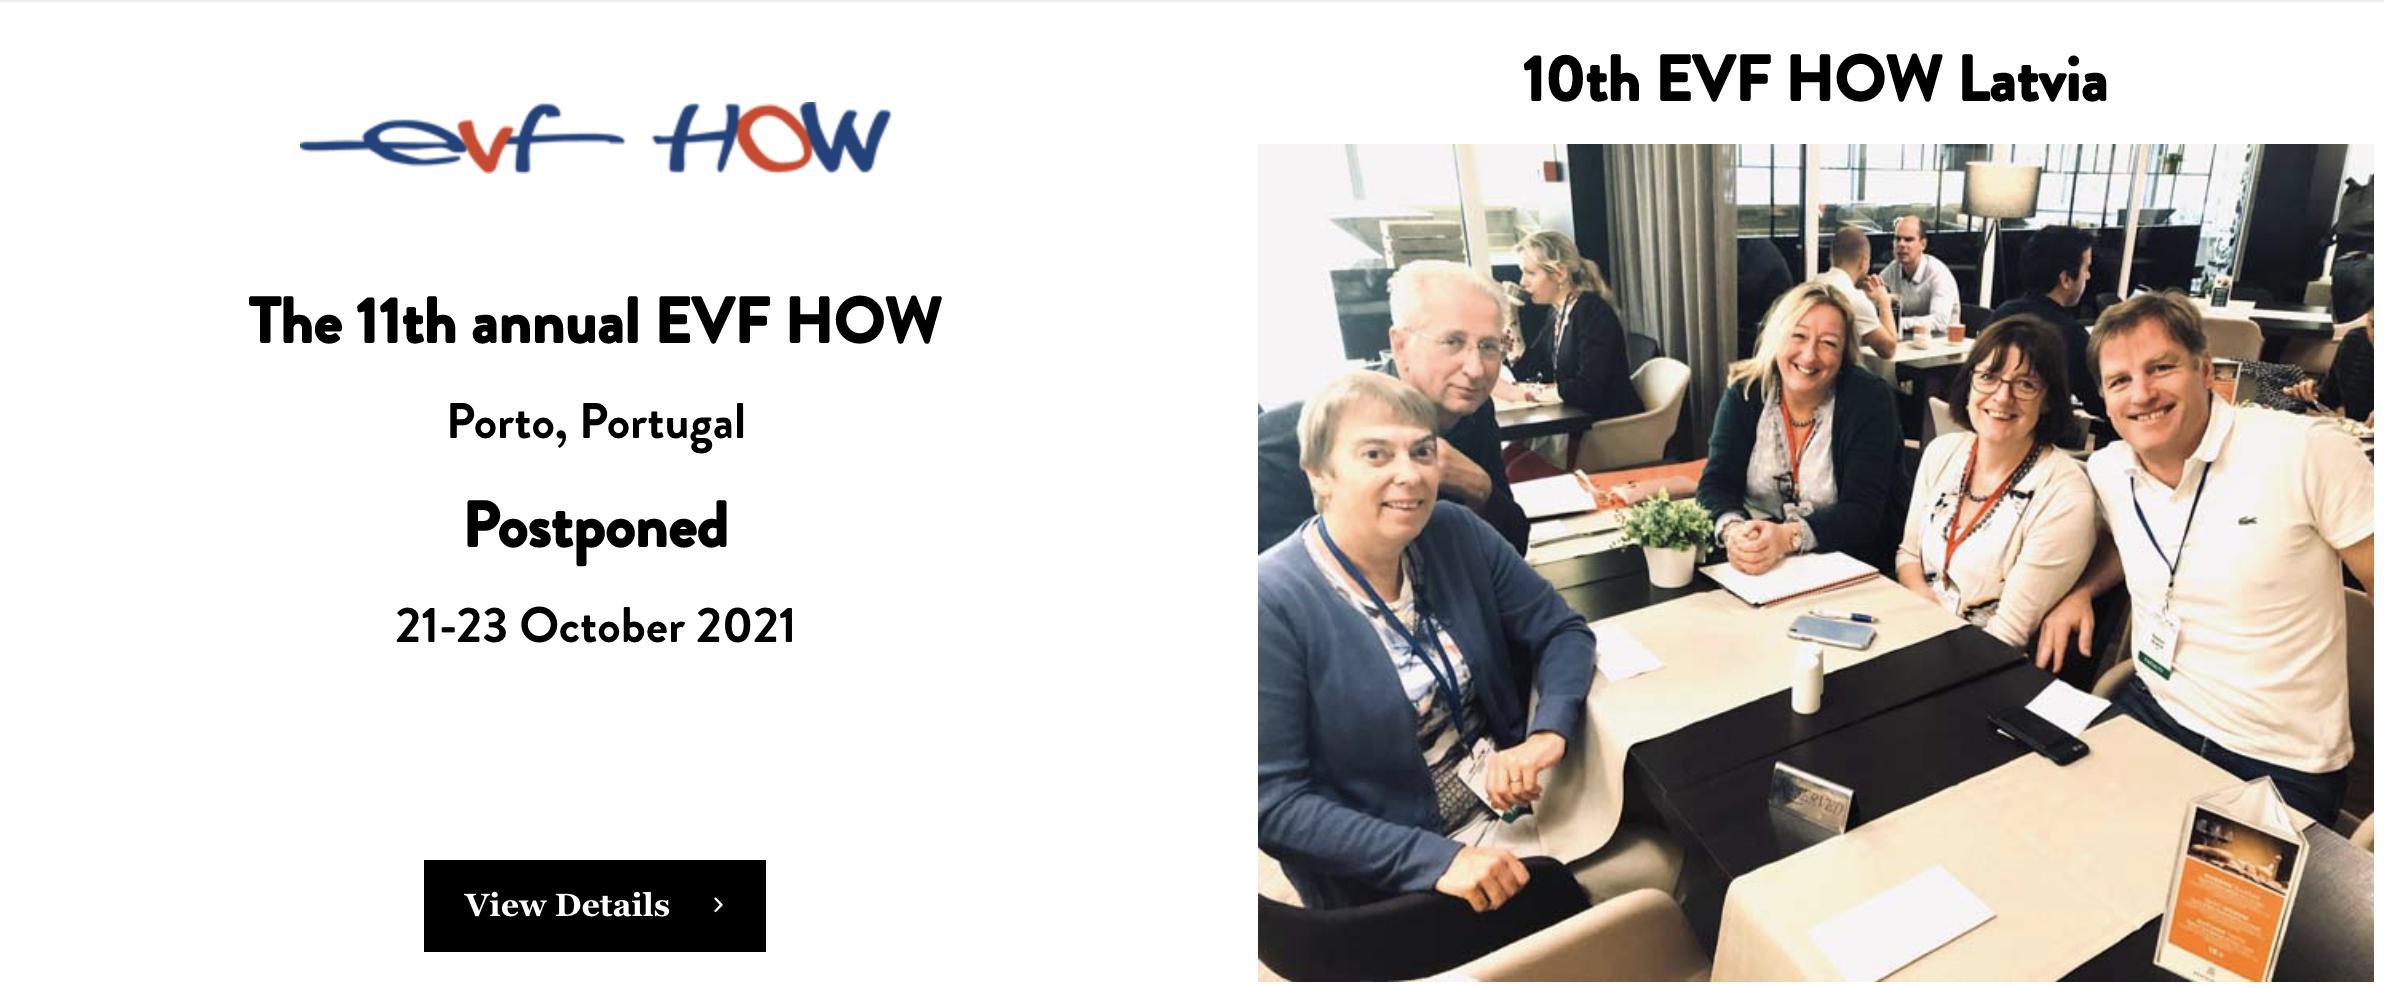 EVF HOW (European Venous Forum – Hands-On Workshop on Venous Disease